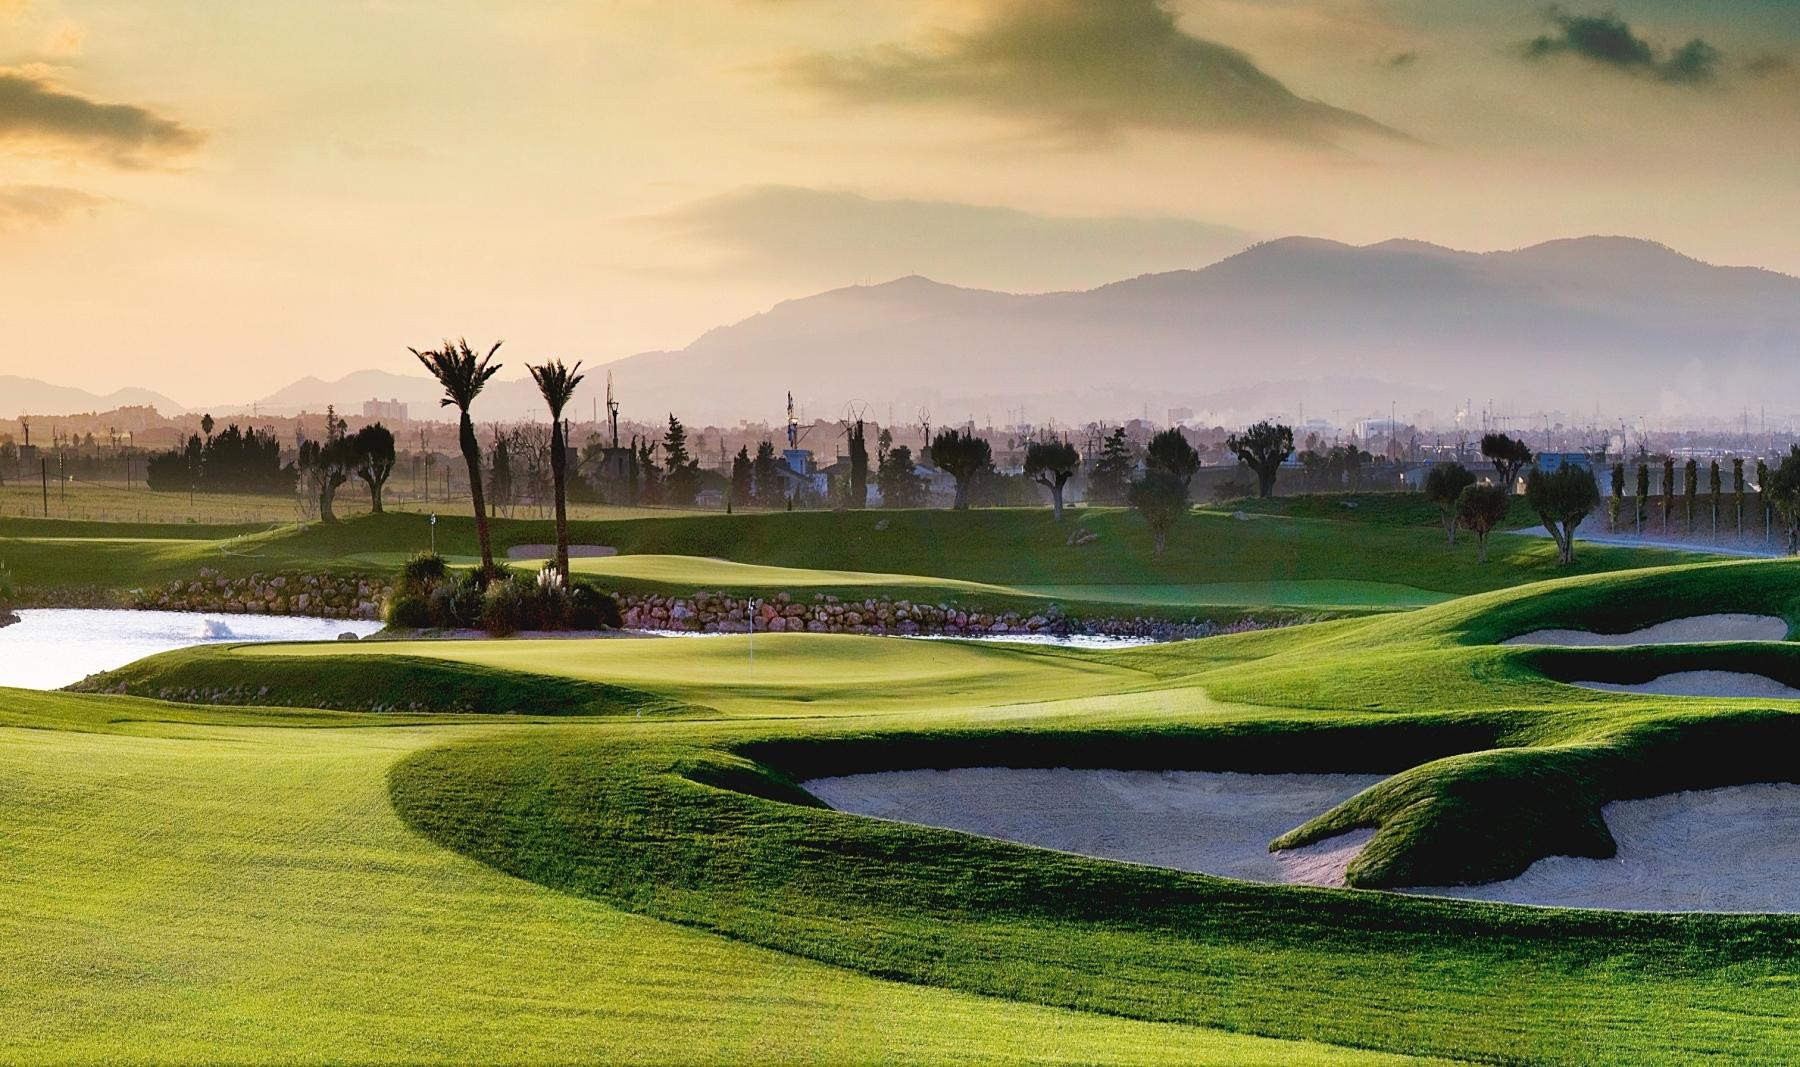 golf-son-gual-mallorca-green4-high-res